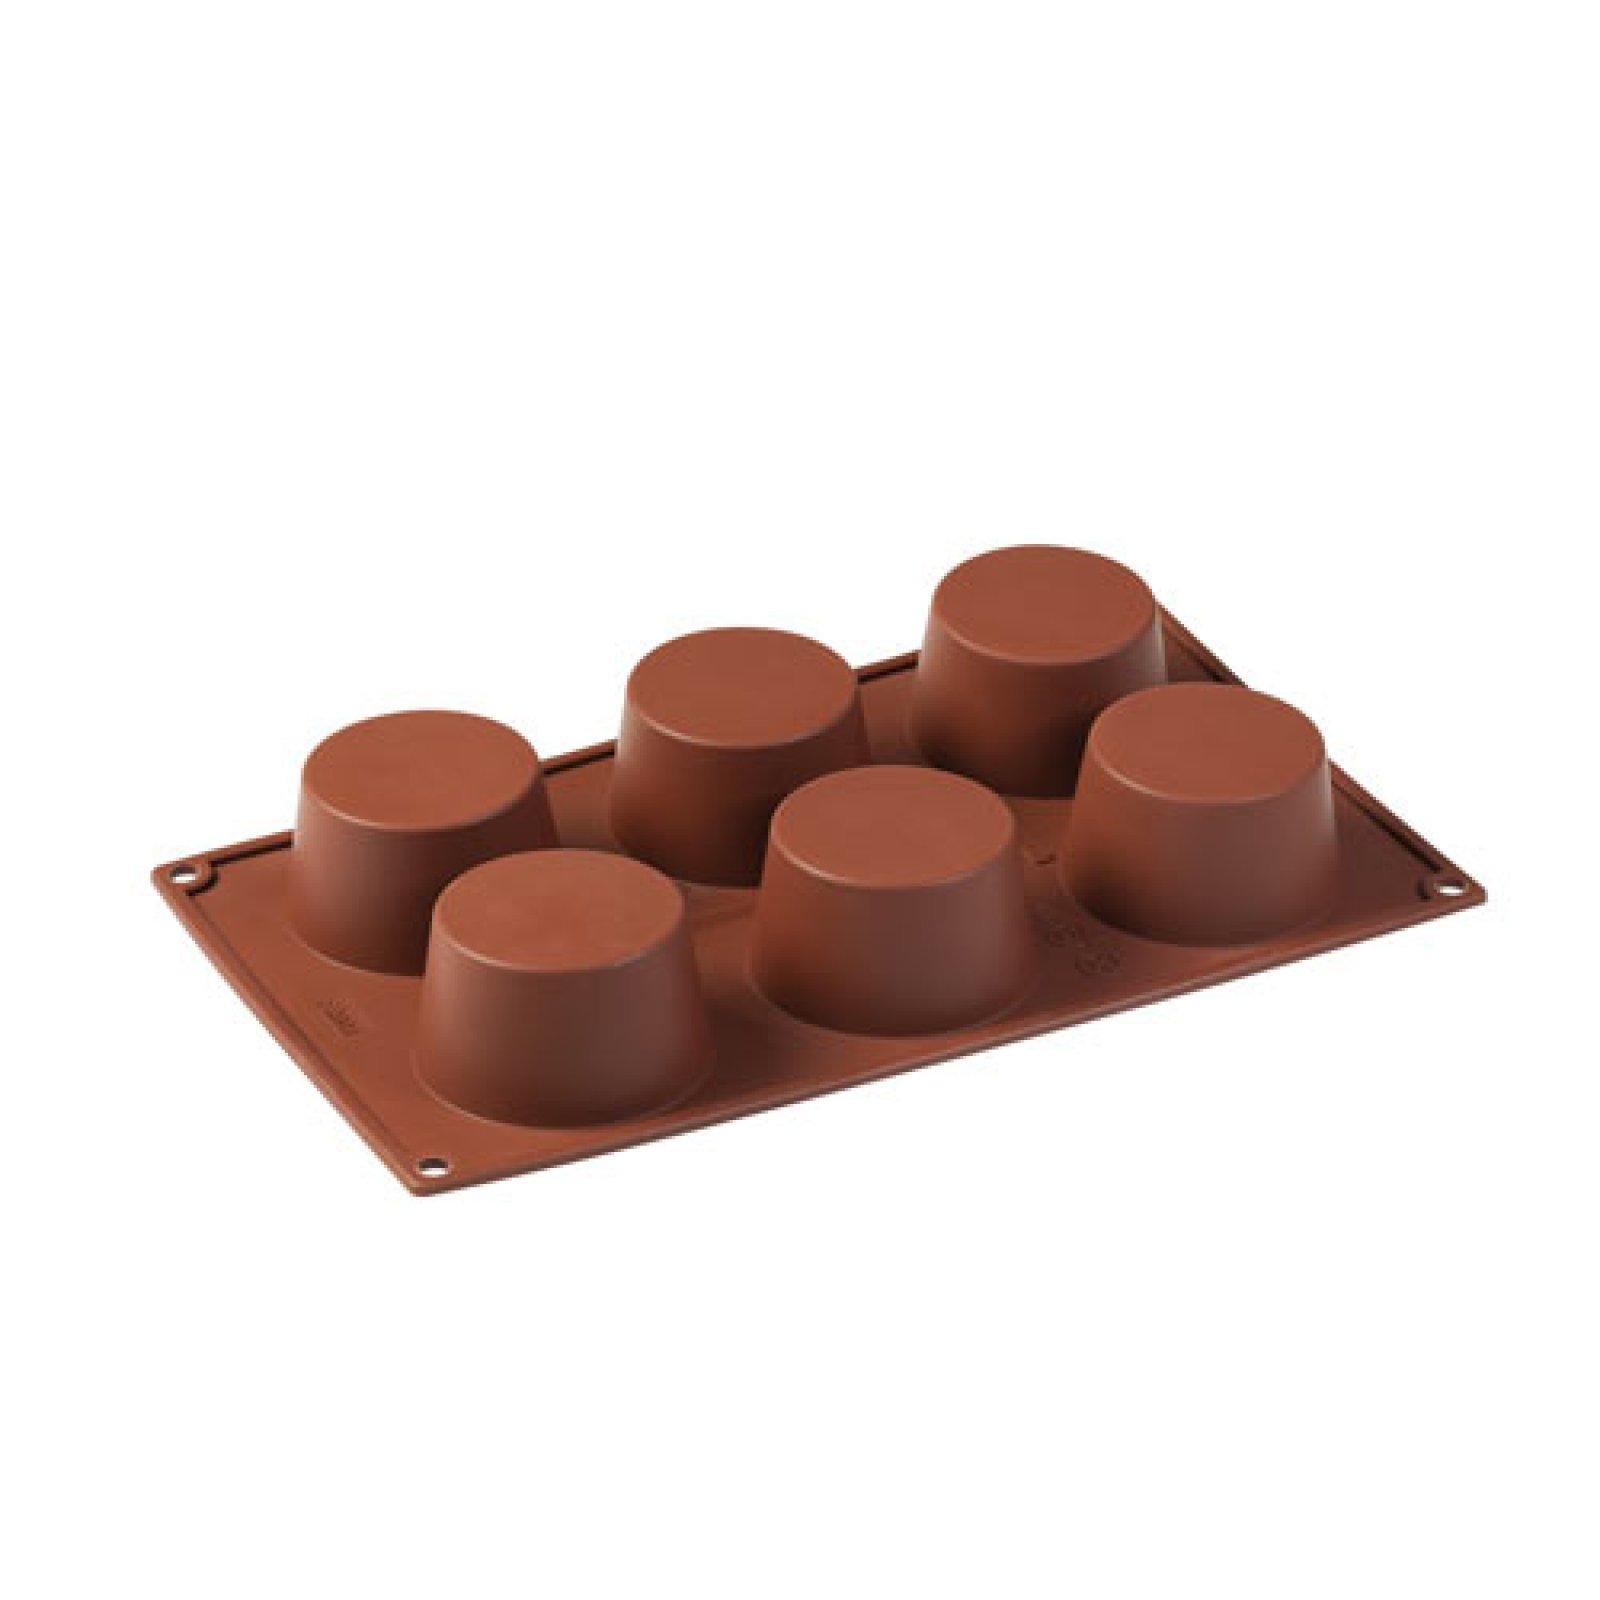 silikon backform muffinform 6 er der ideen. Black Bedroom Furniture Sets. Home Design Ideas